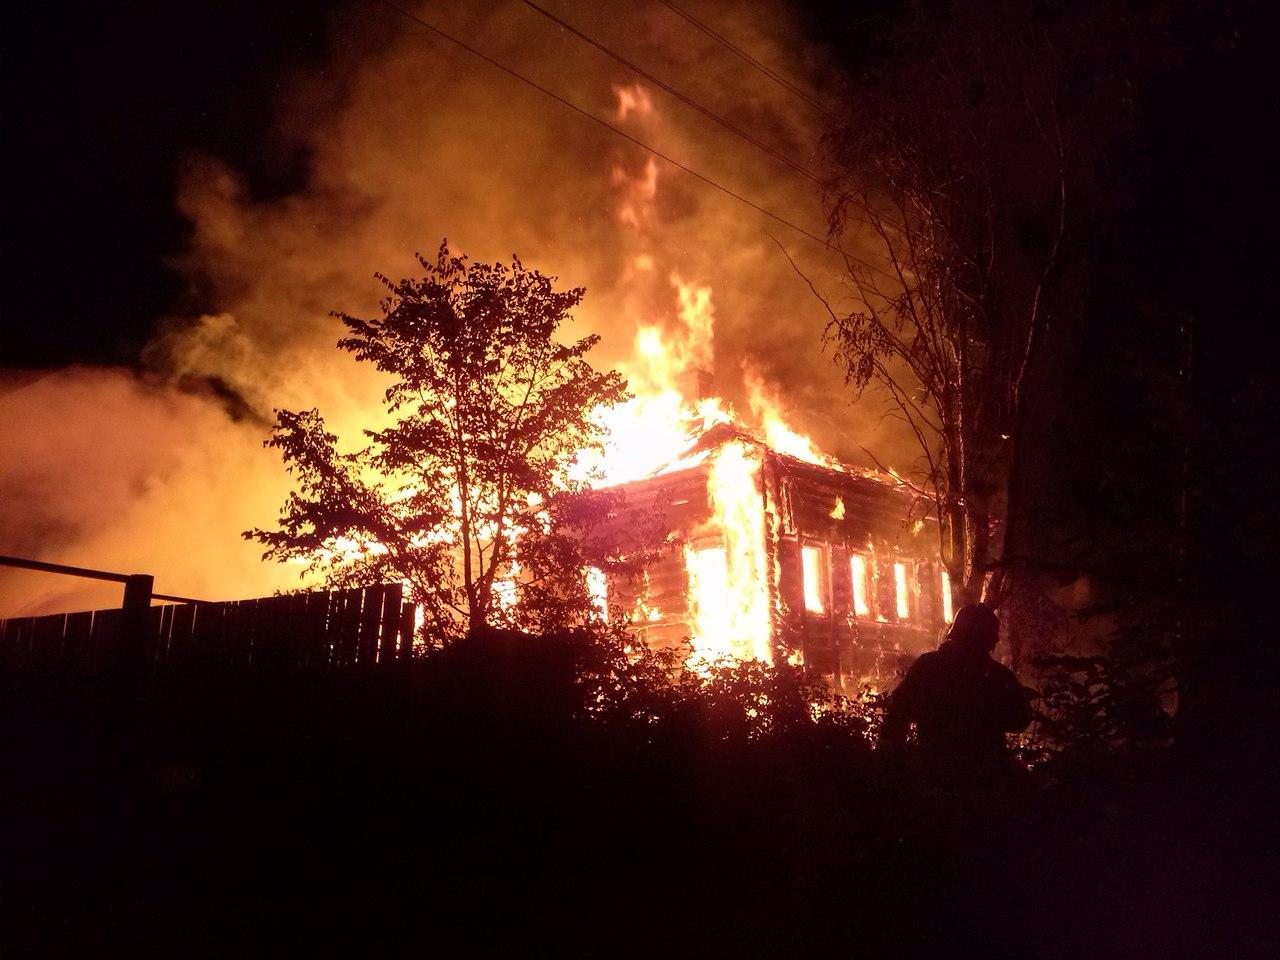 В Соколе пожарные 4 часа тушили дом рядом со своей пожарной частью